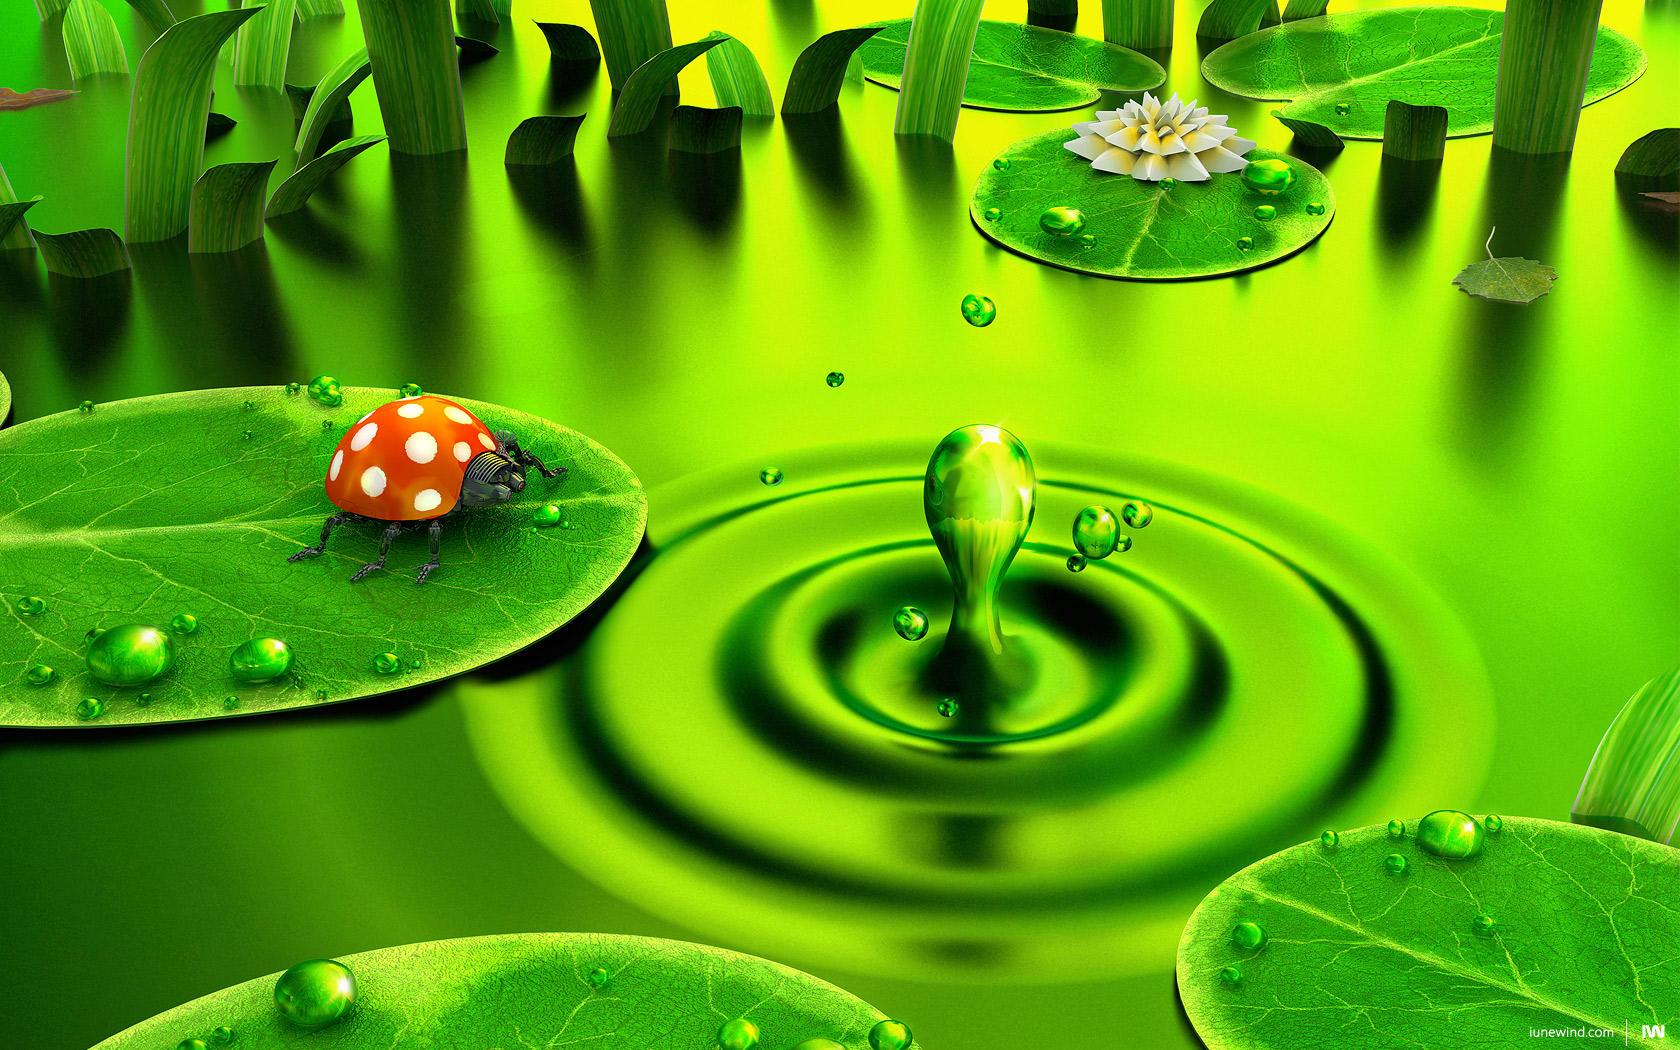 Green dawn v2 by iuneWind